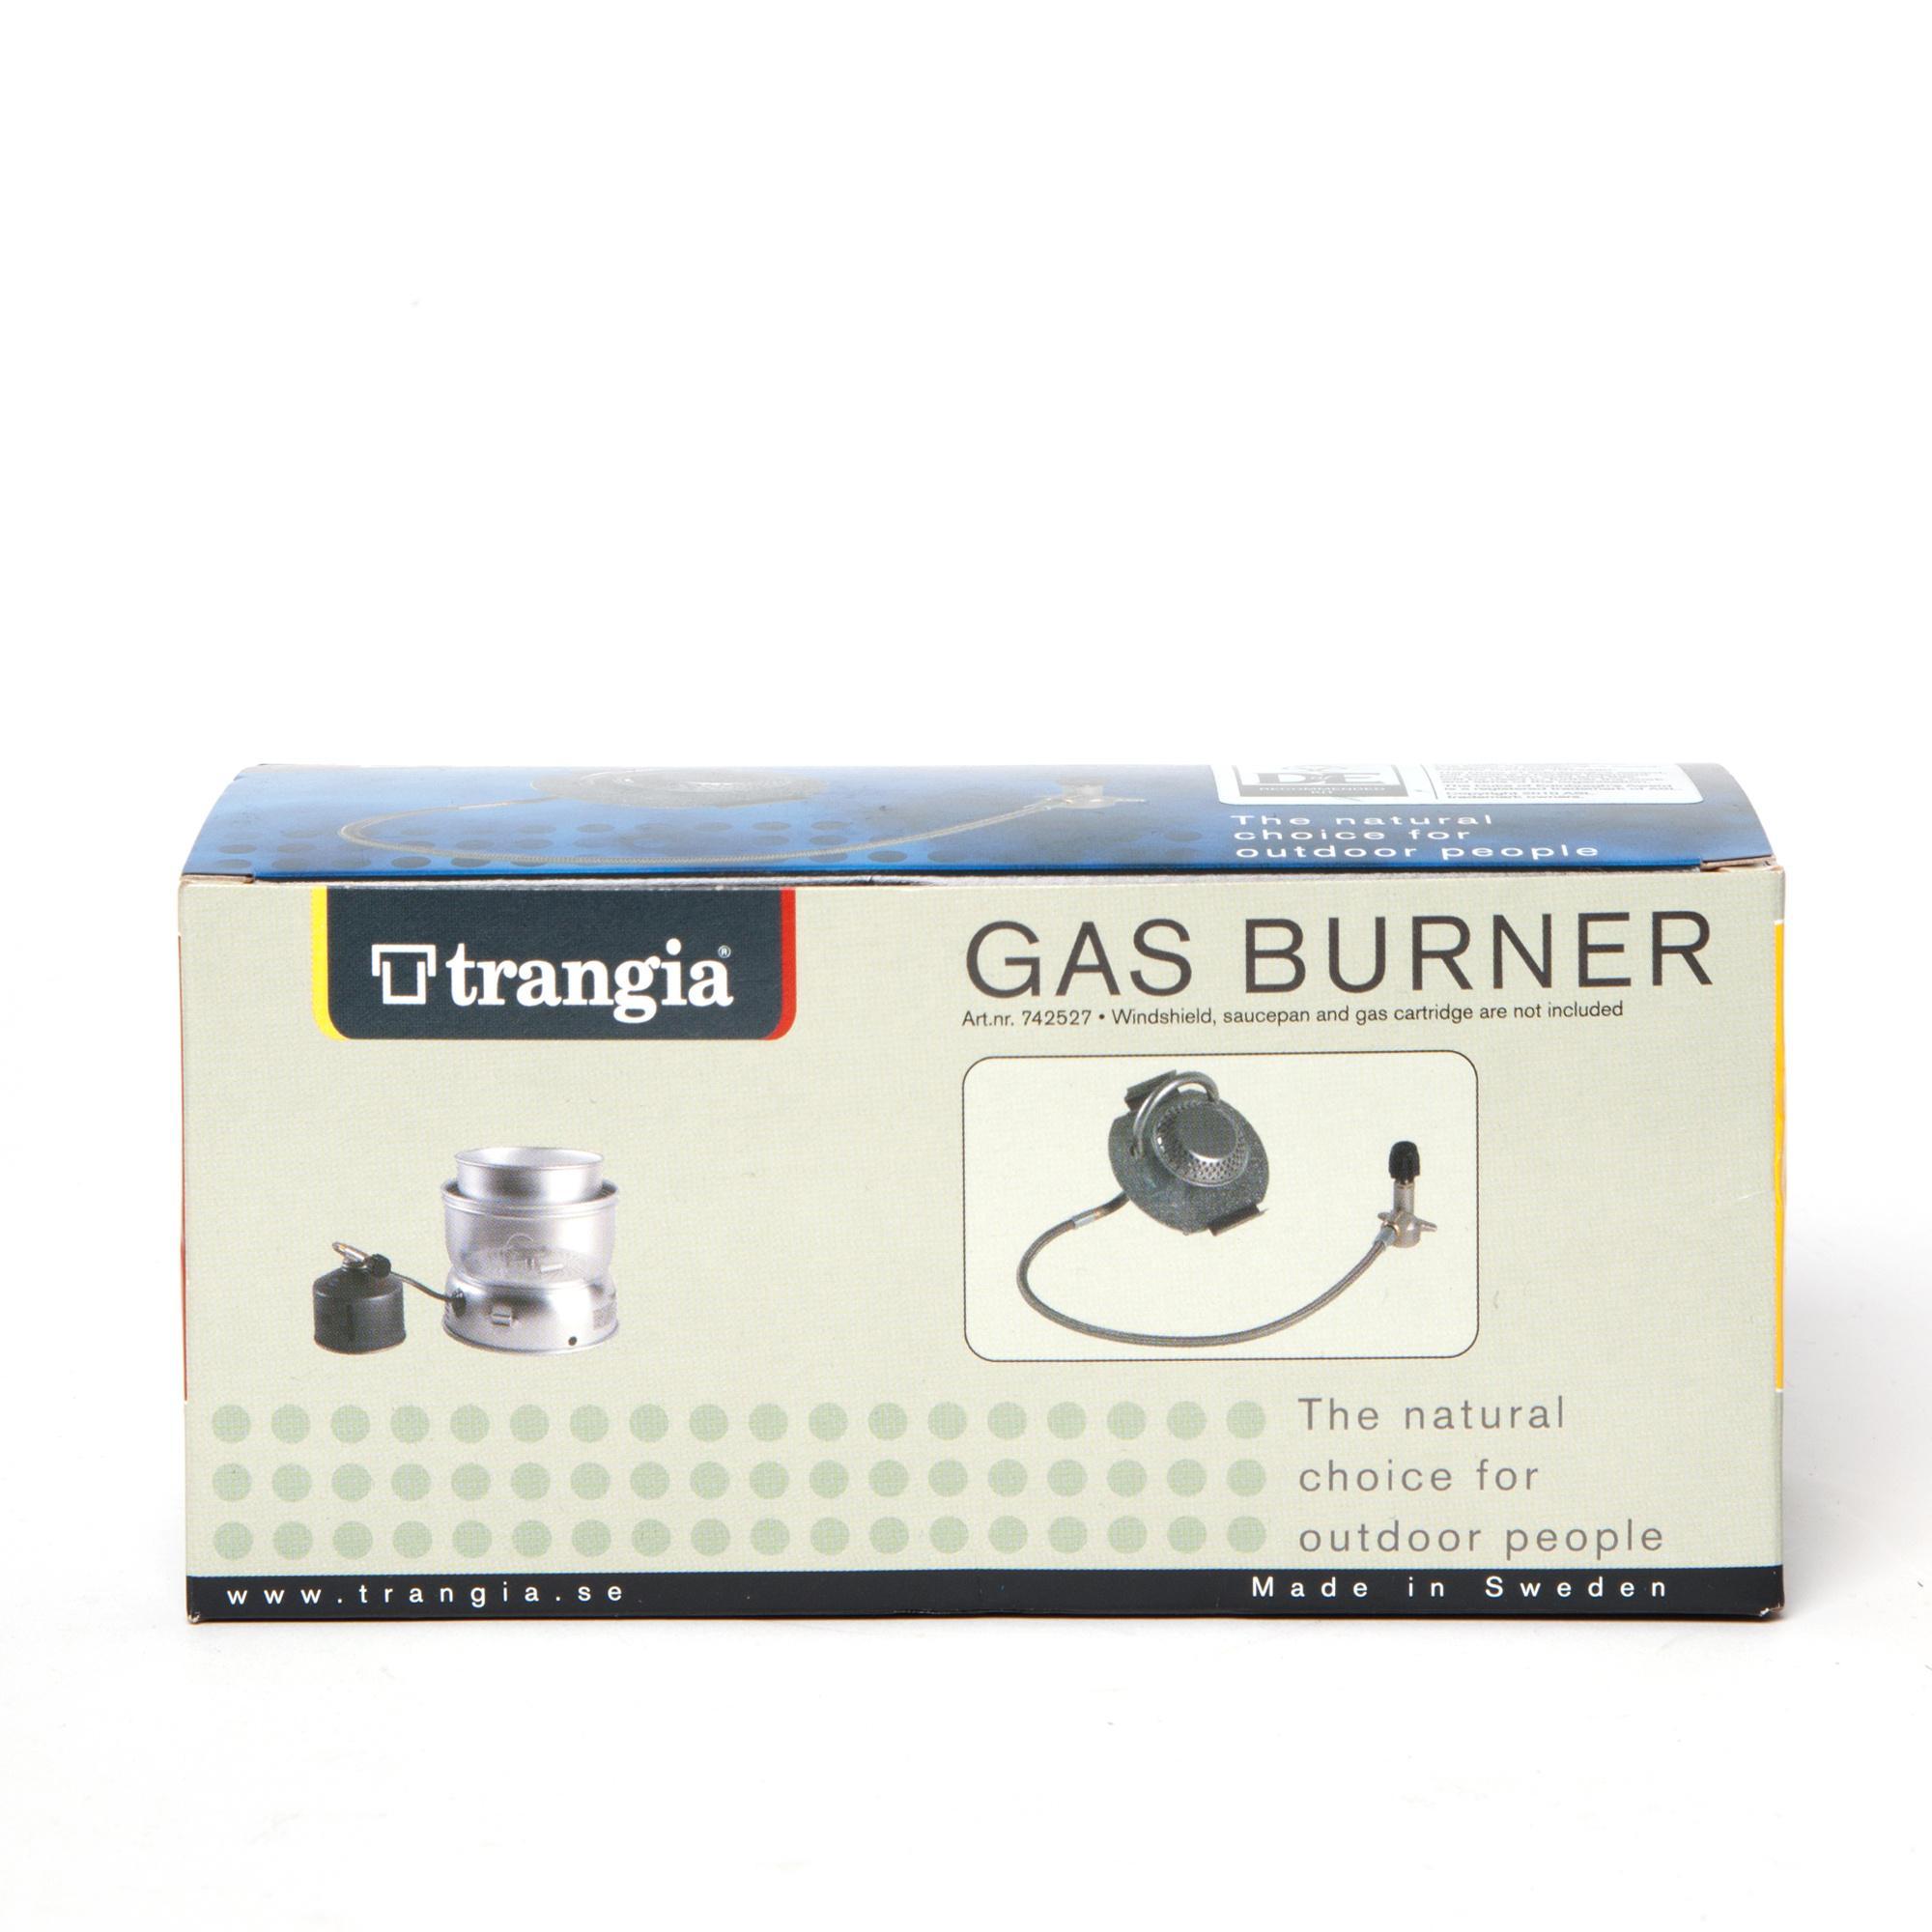 Trangia Gas Burner - Silver, Silver